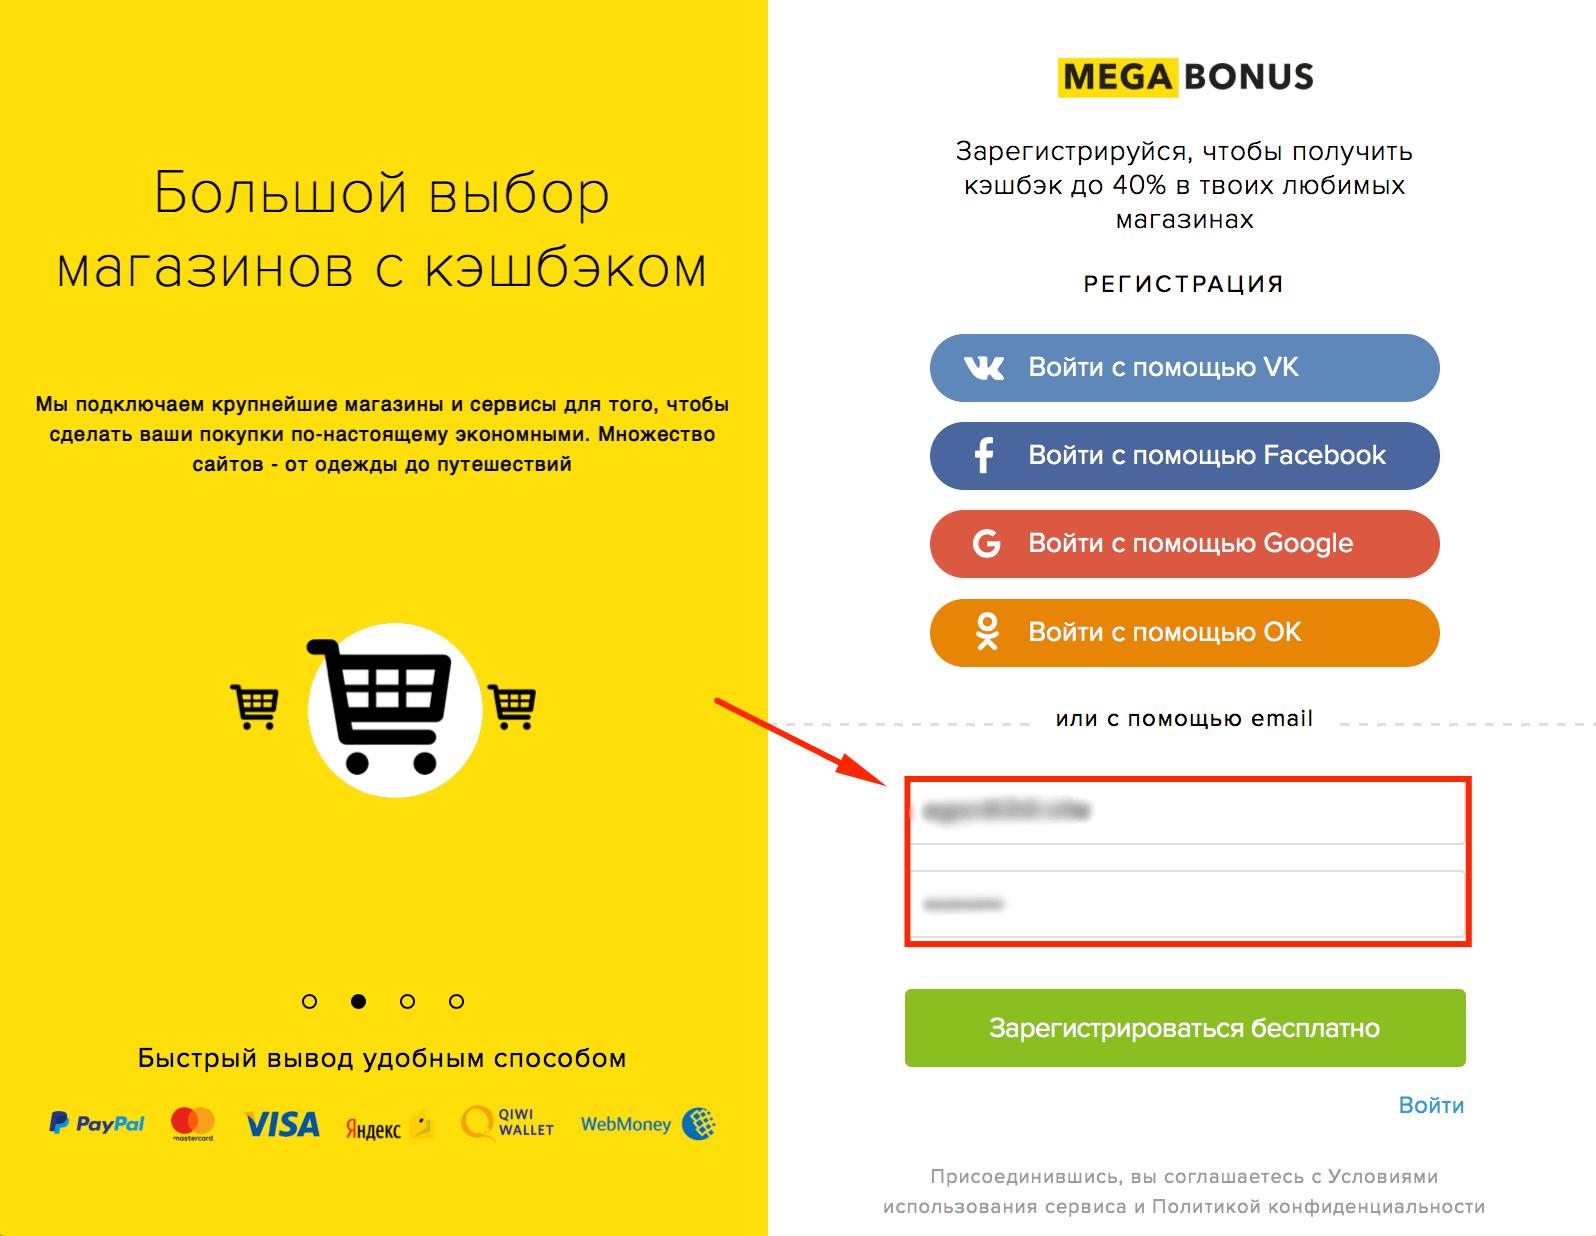 зарегистрировать аккаунт в мегабонус